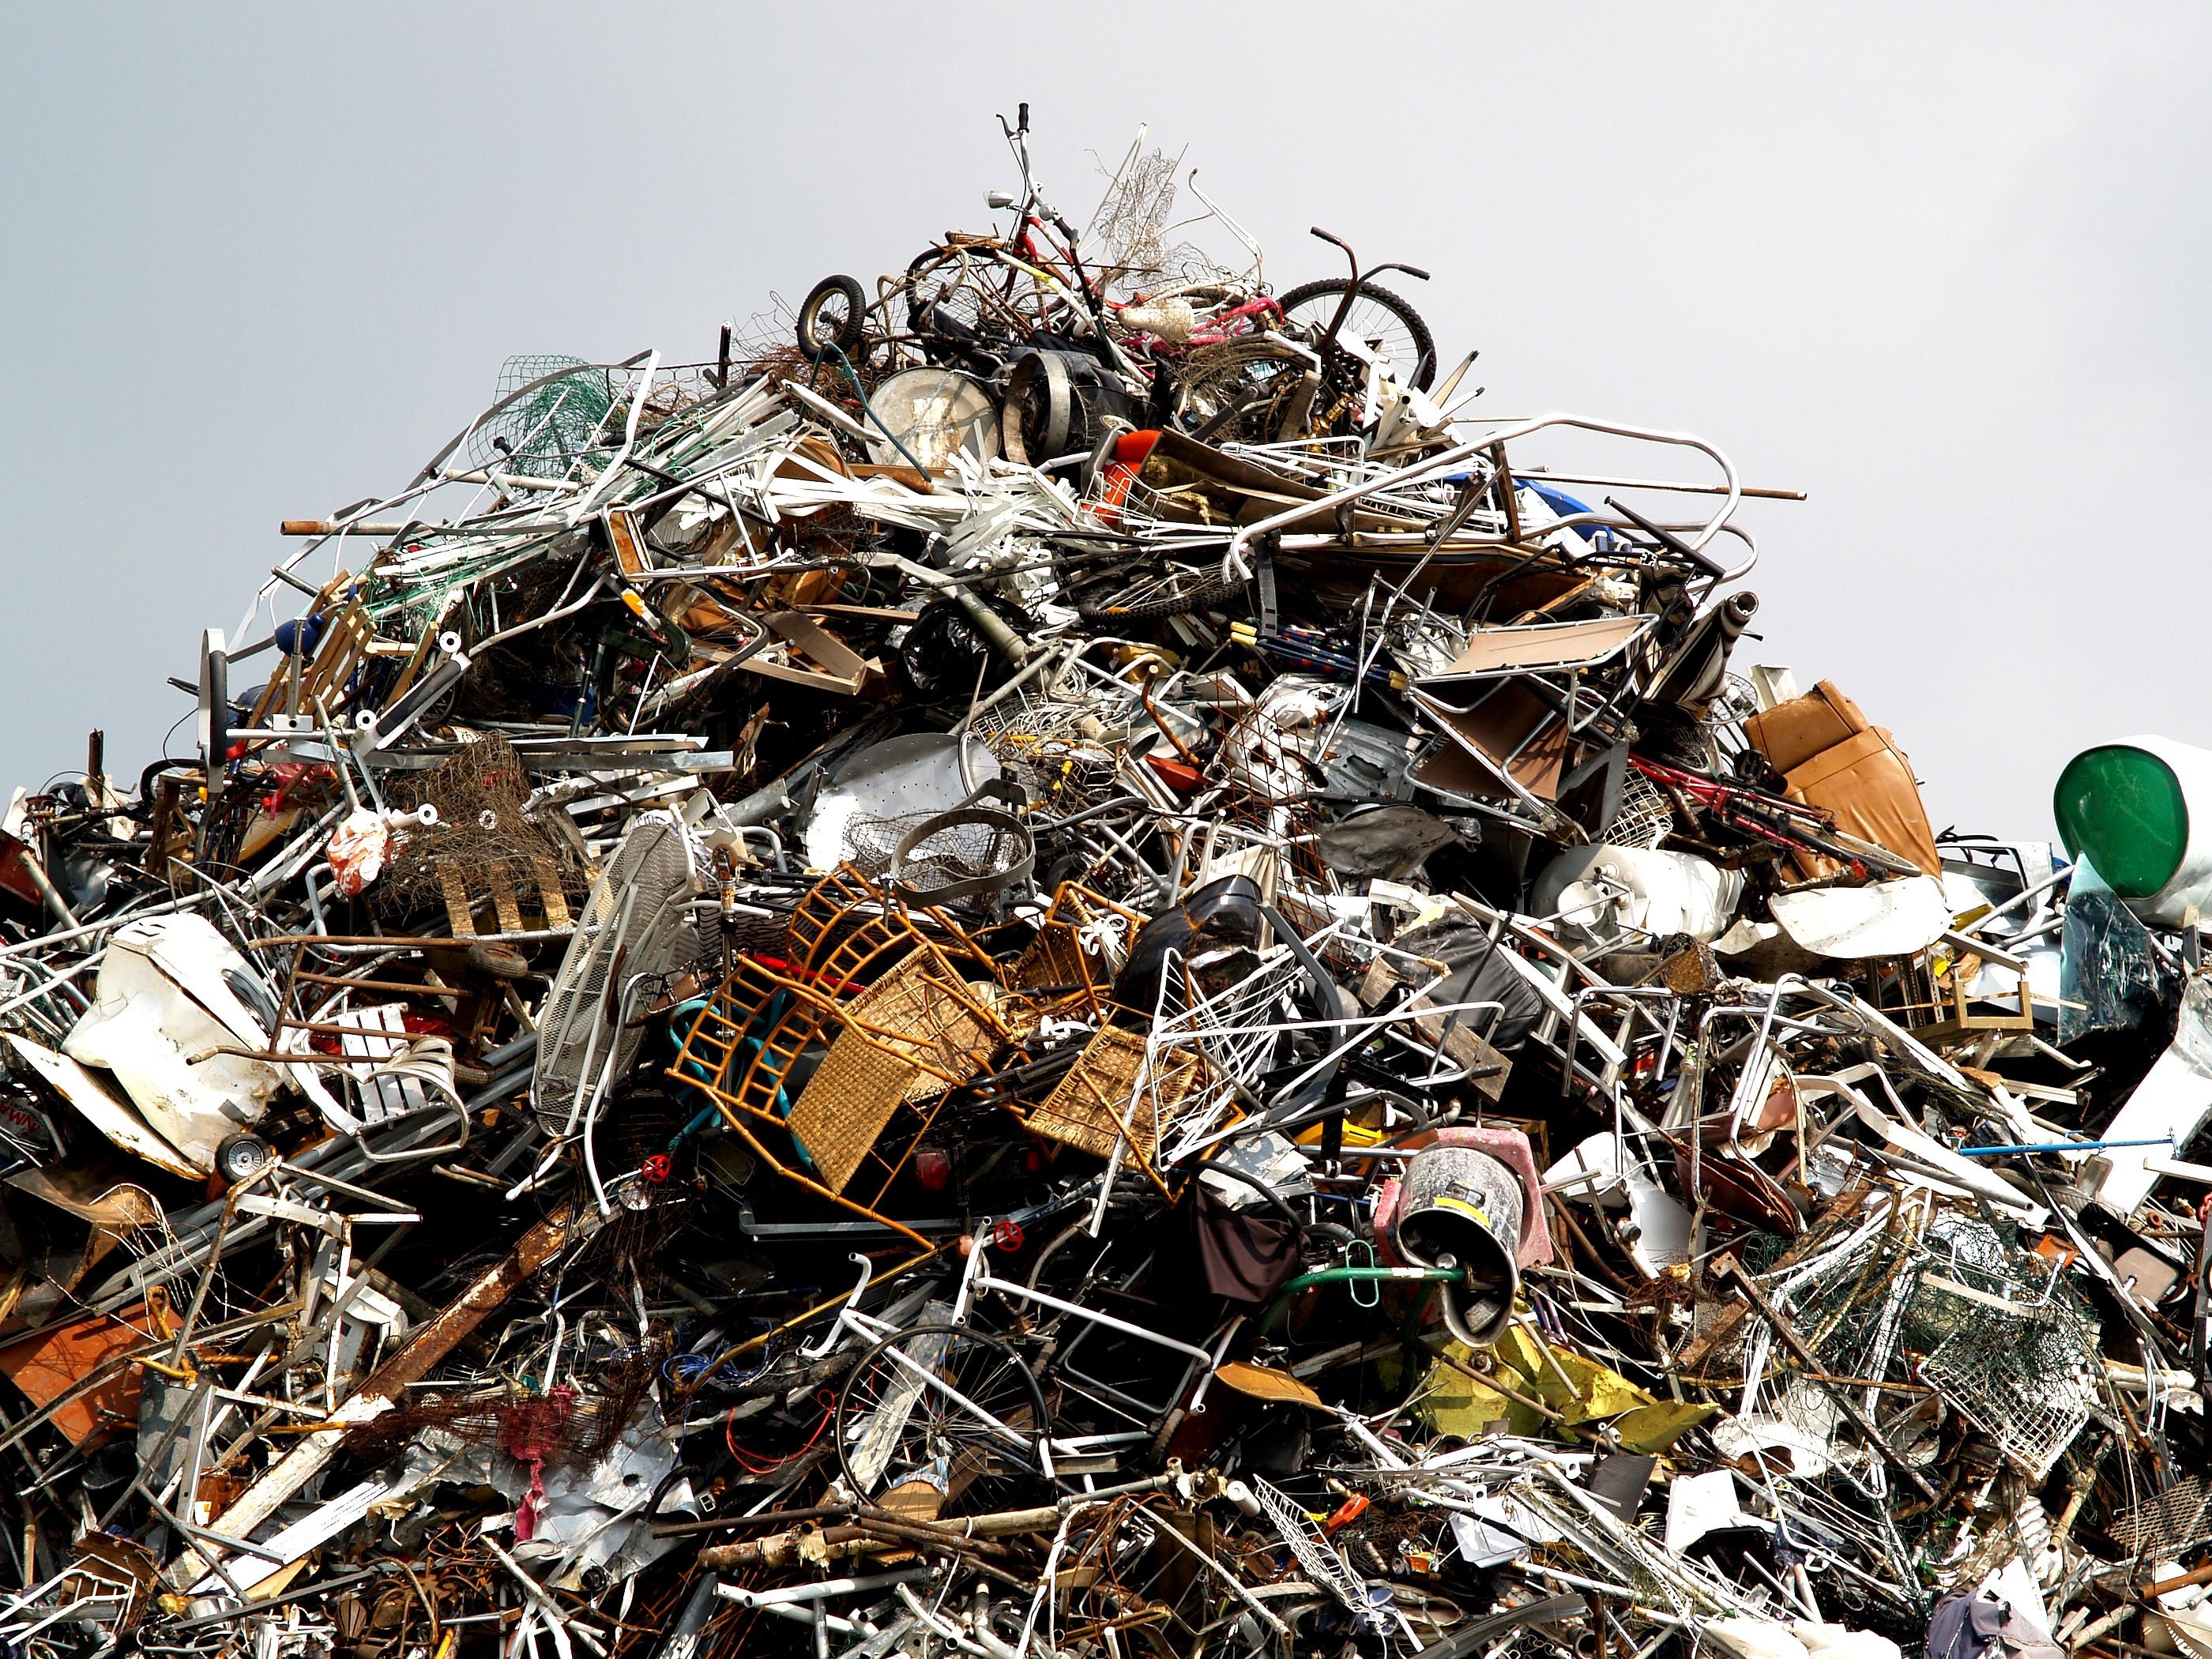 metal-scrap-1576958